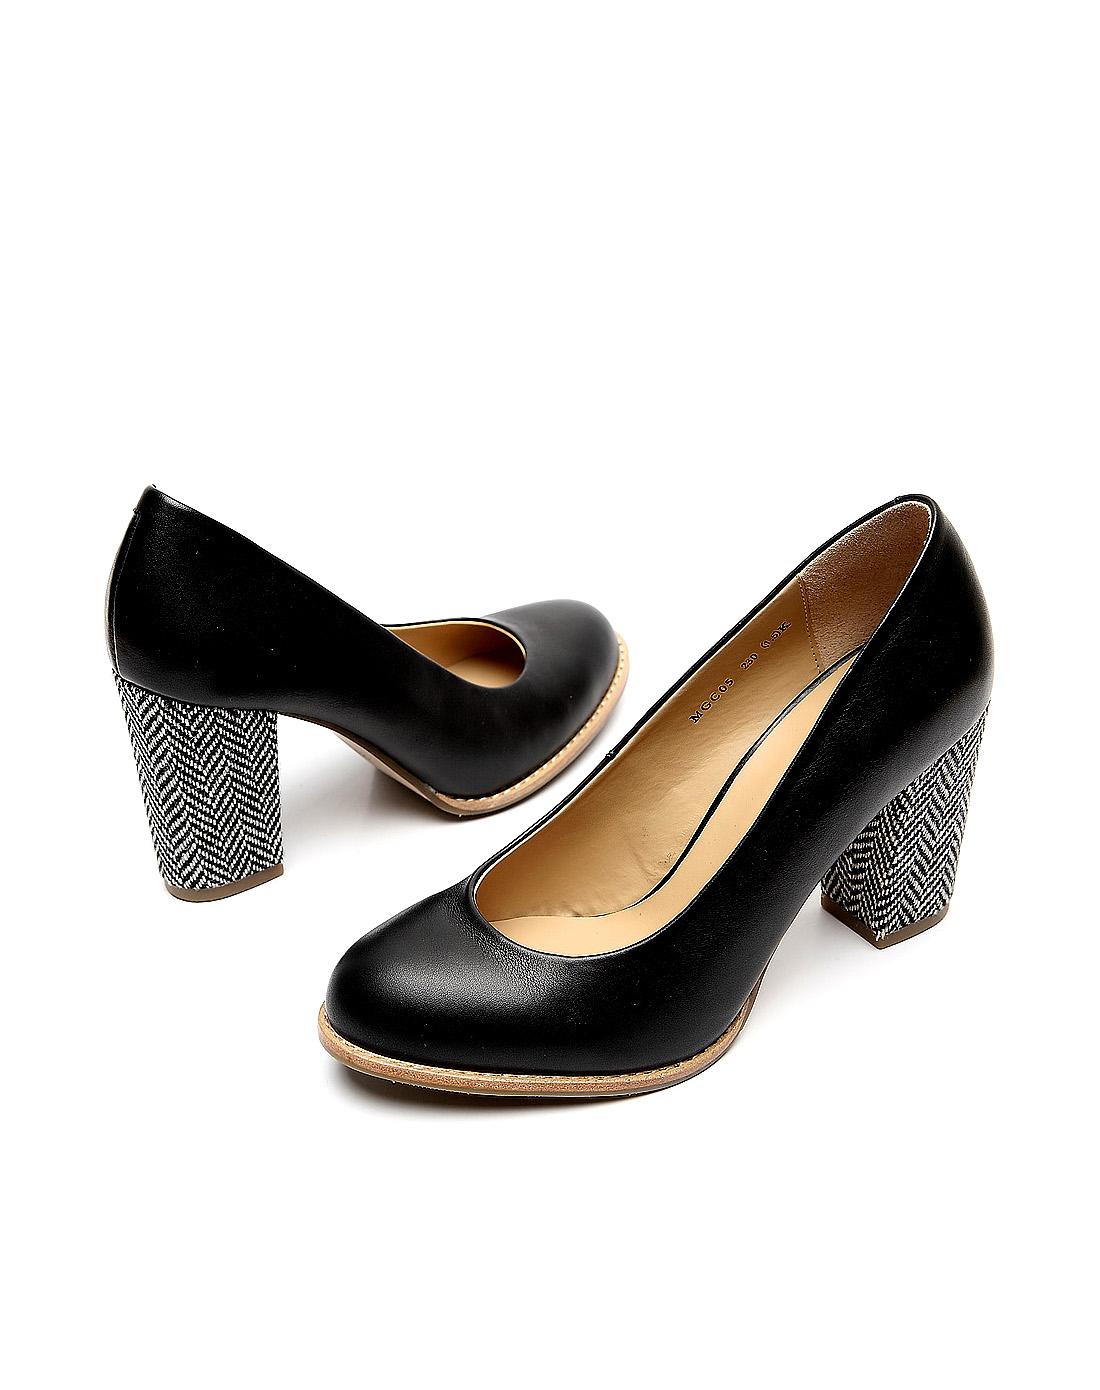 百丽belle黑色简约粗跟鞋bblmgc05du8cq2